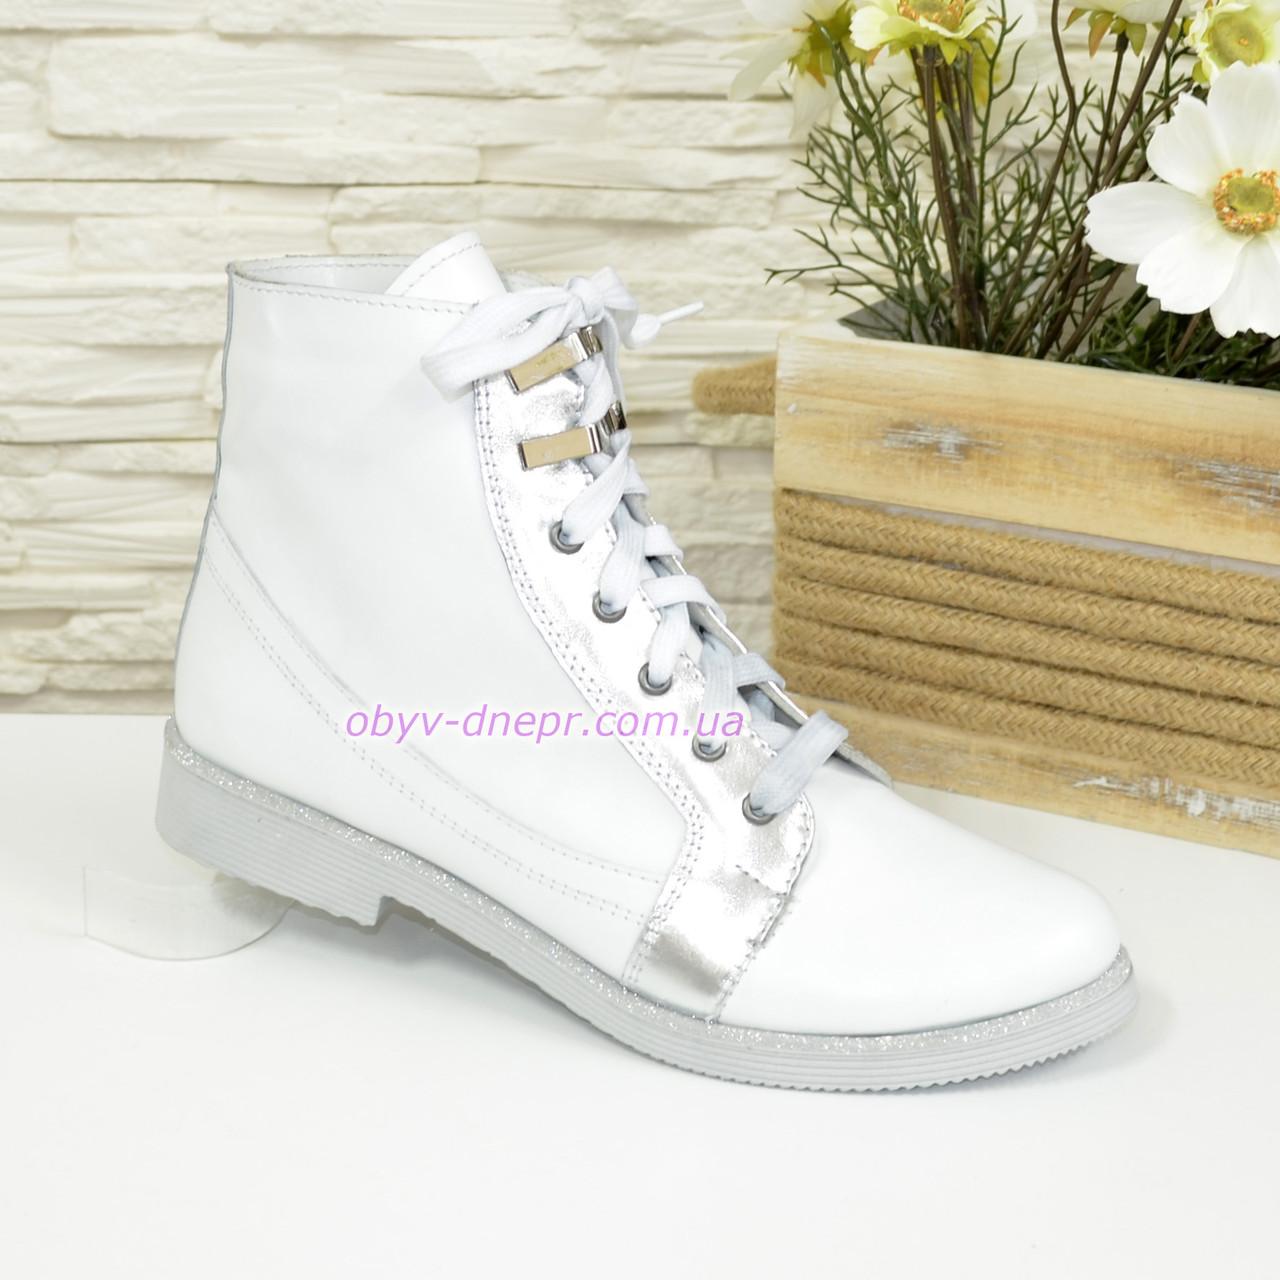 женские кожаные ботинки на шнуровке, цвет белый/серебро